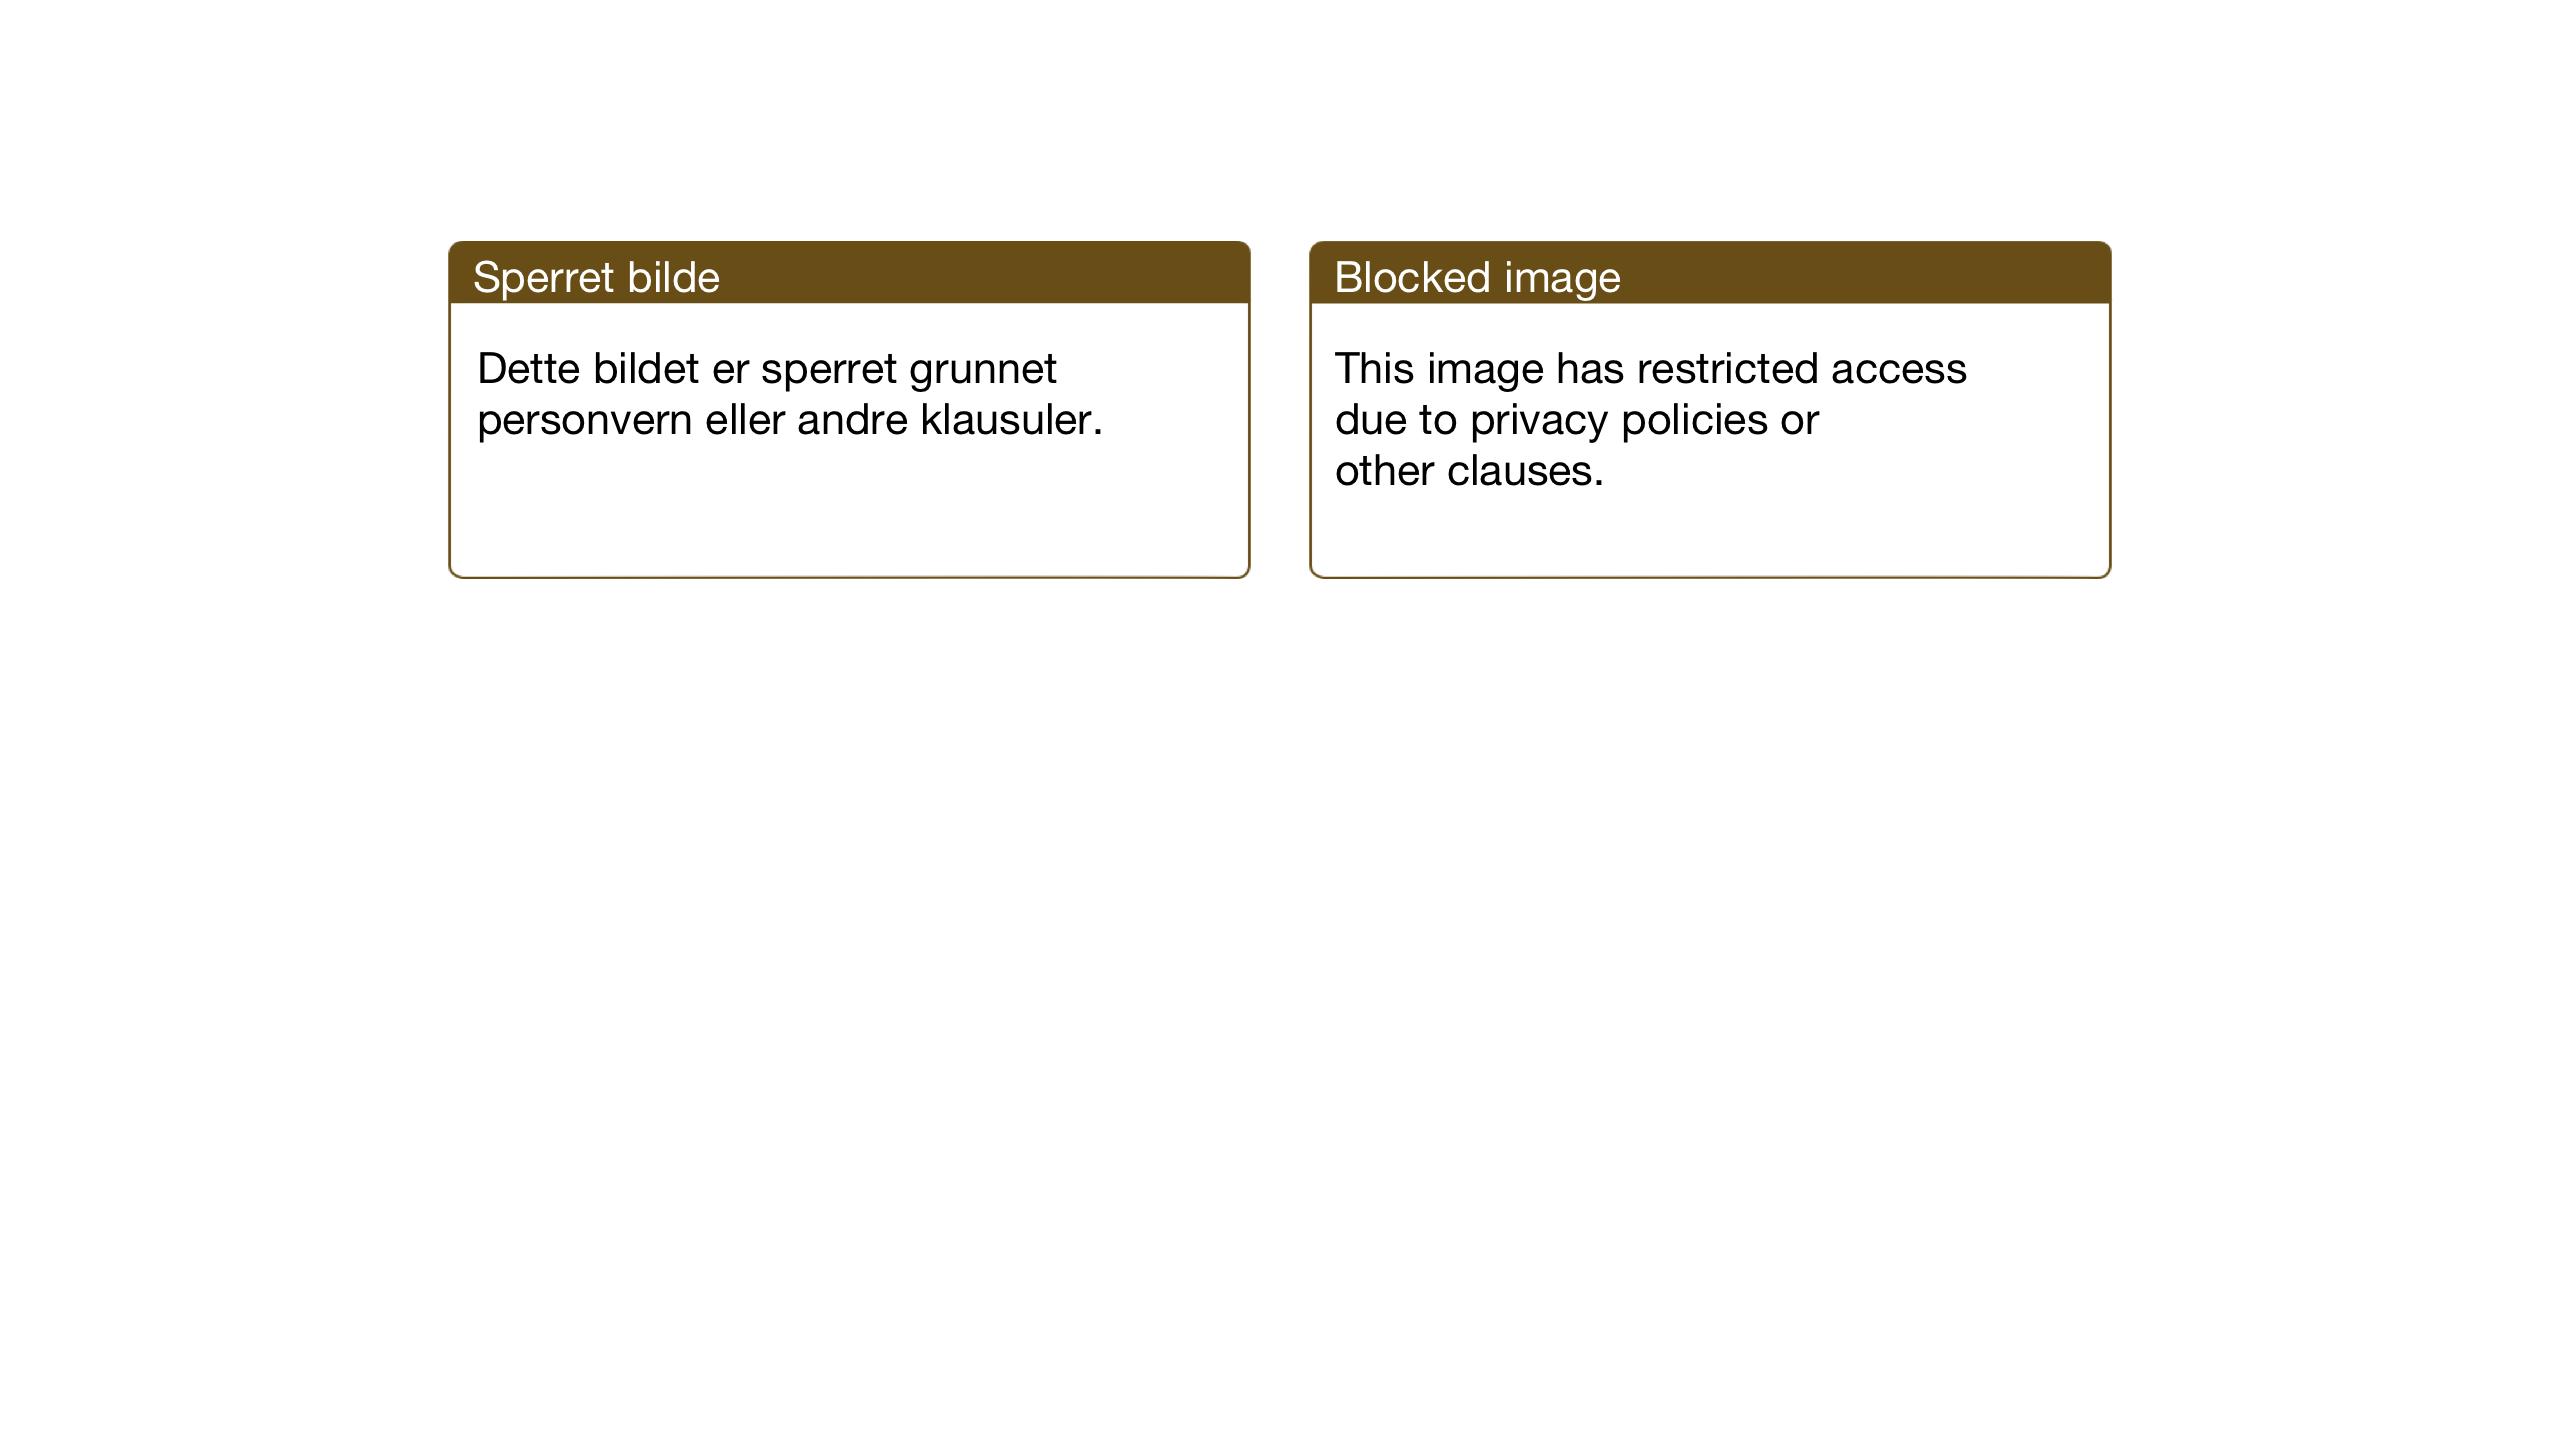 SAT, Ministerialprotokoller, klokkerbøker og fødselsregistre - Sør-Trøndelag, 694/L1134: Klokkerbok nr. 694C06, 1915-1937, s. 96